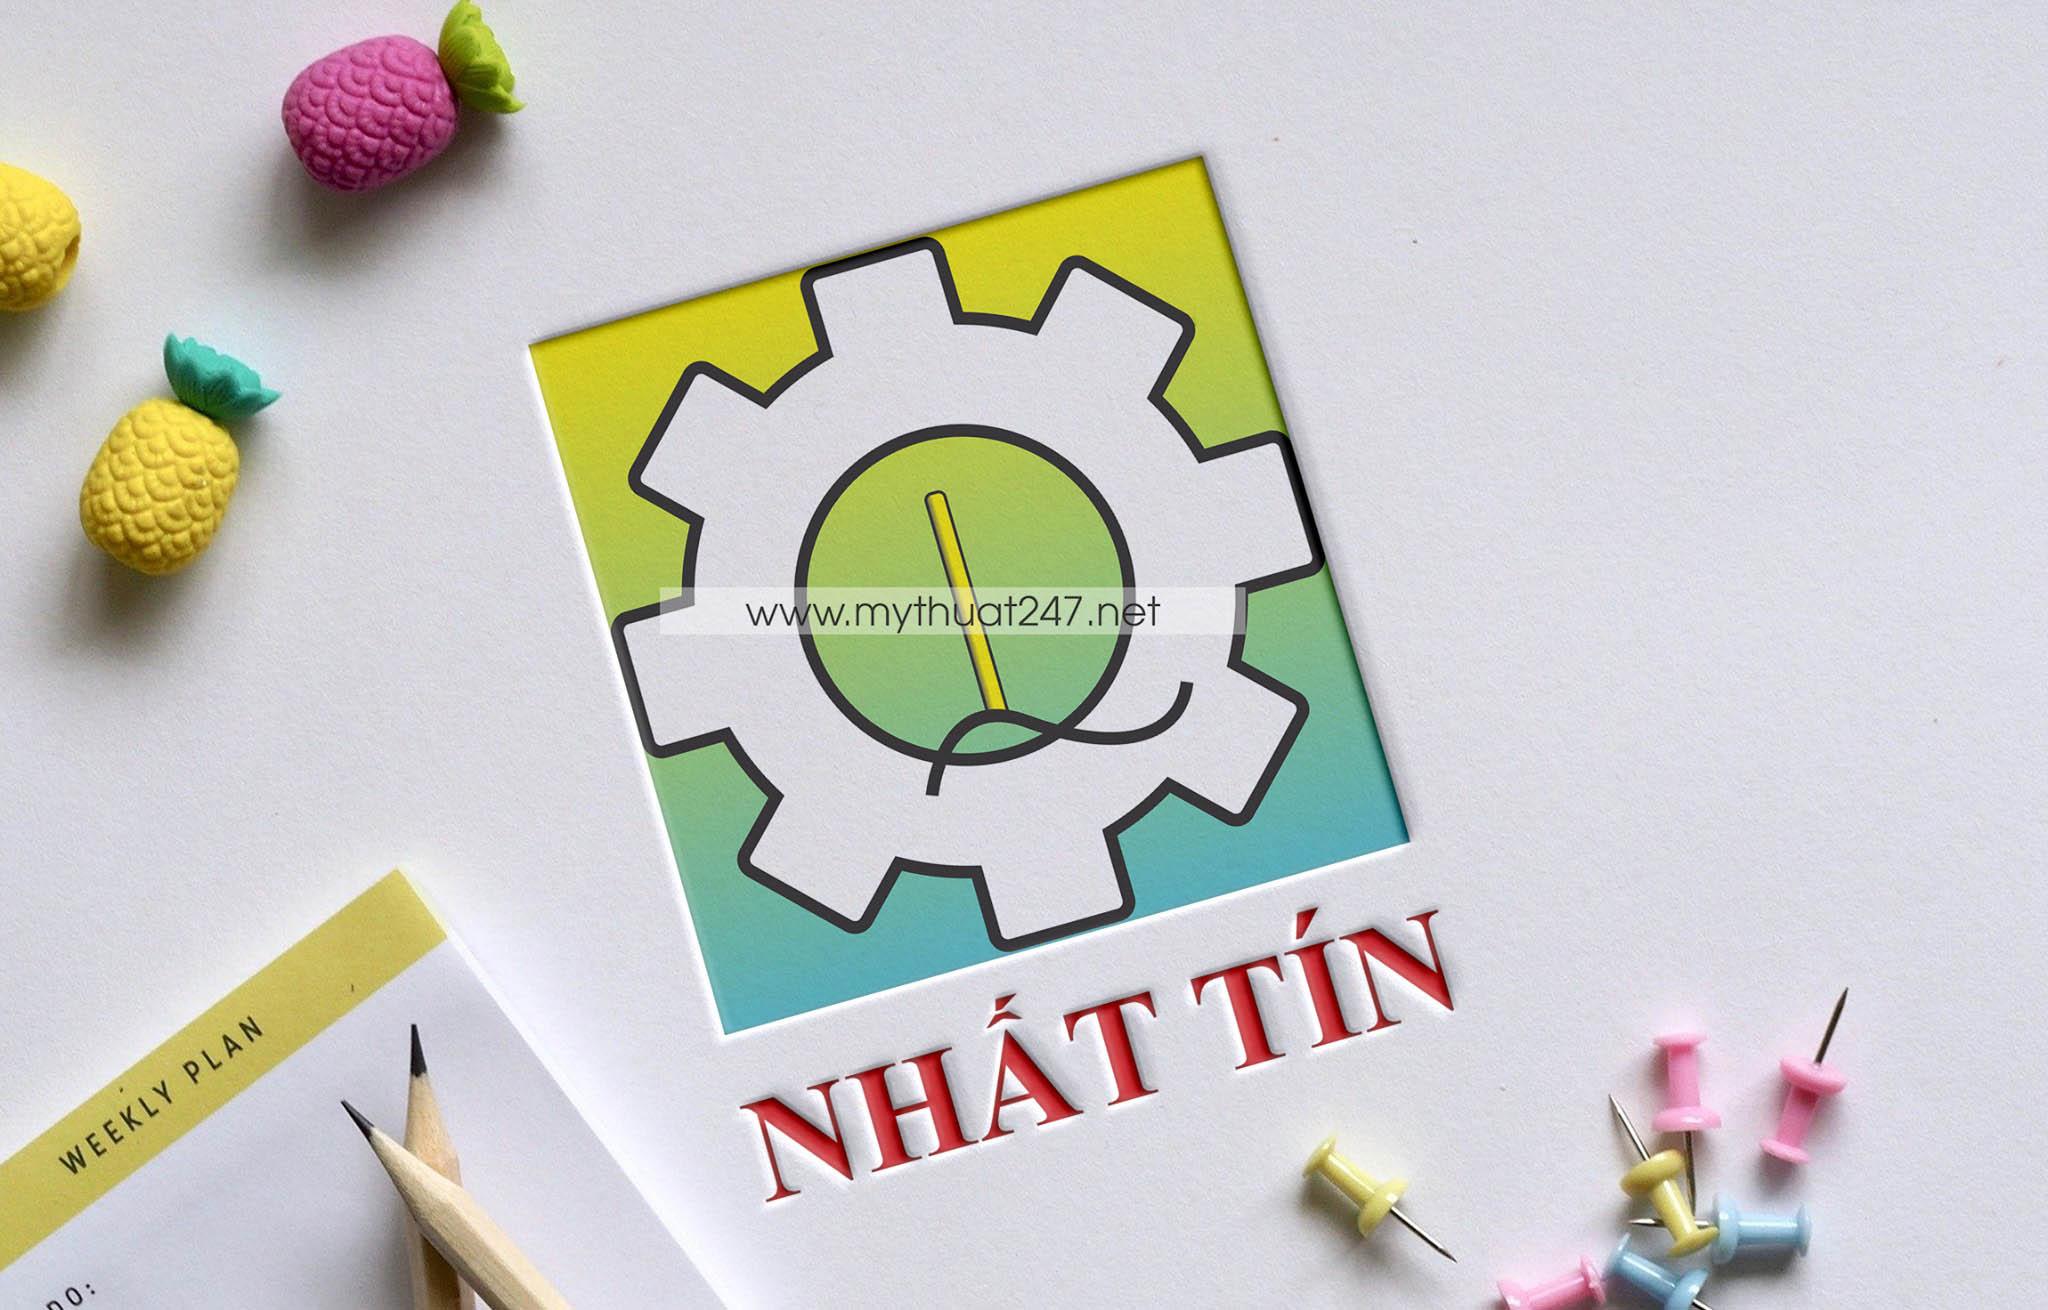 Thiết kế logo công ty tnhh cơ điện tự động nhất tín